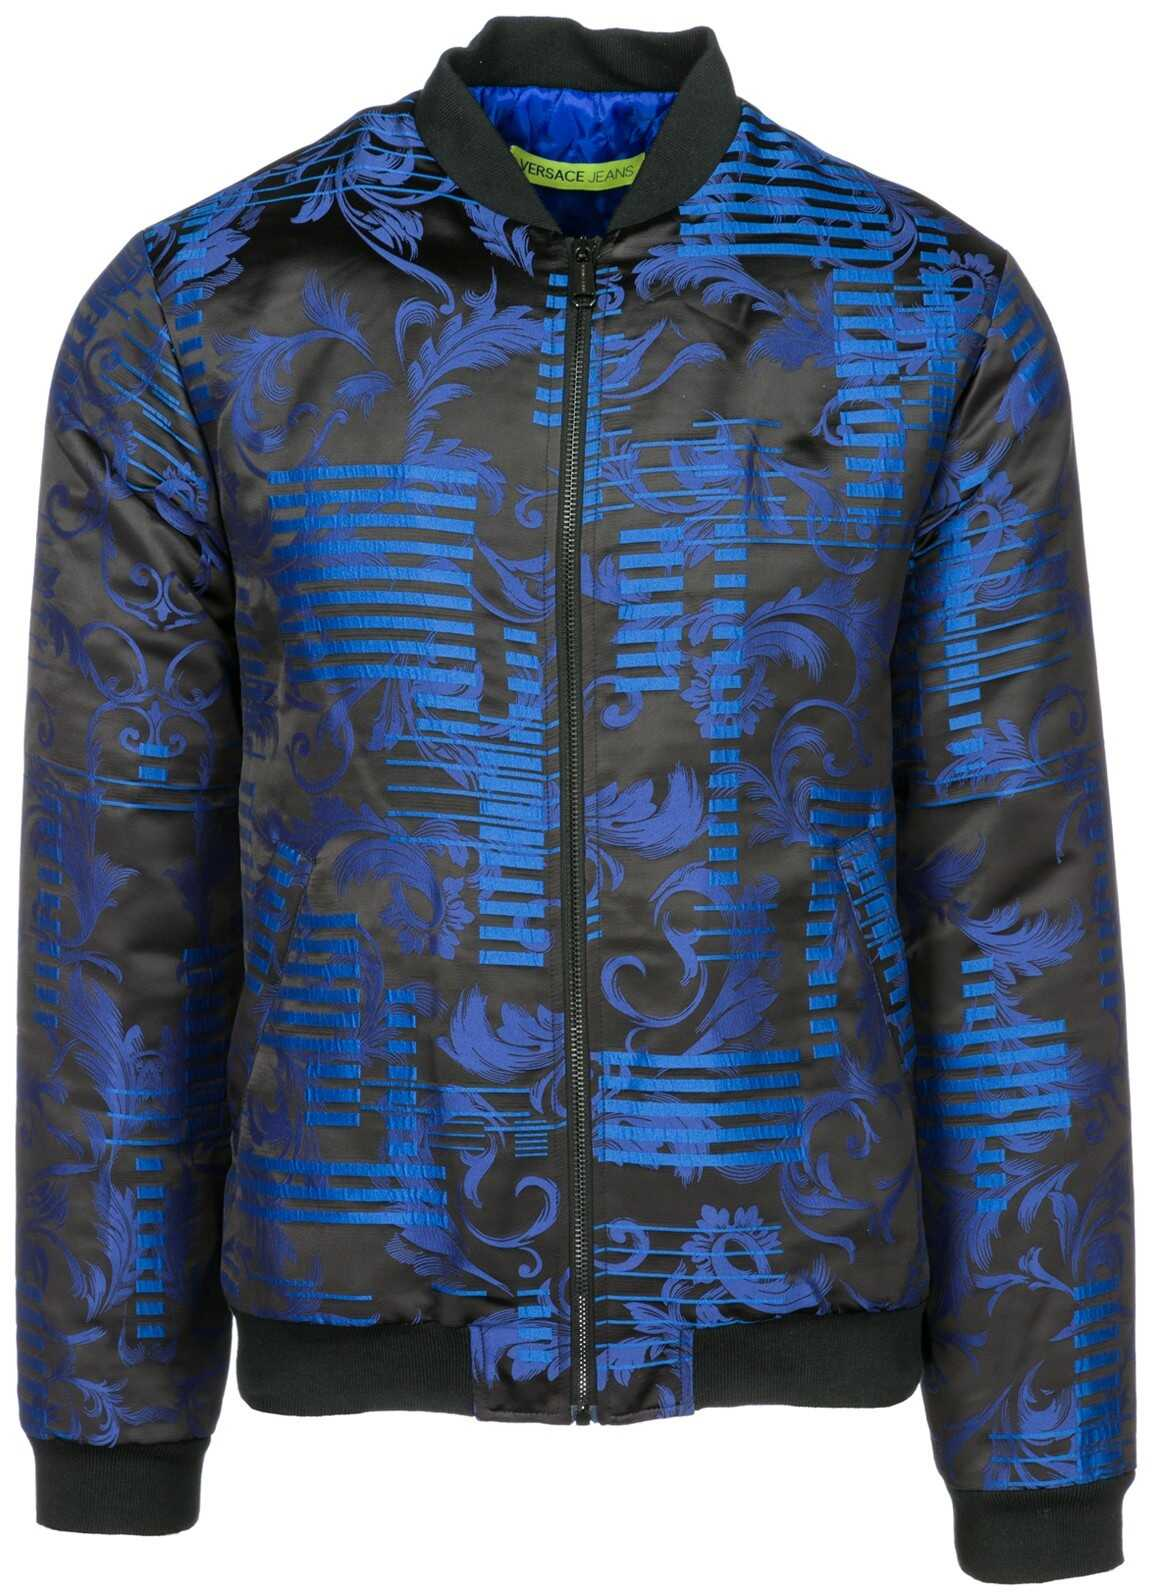 Versace Jeans Jacket Blouson Blue